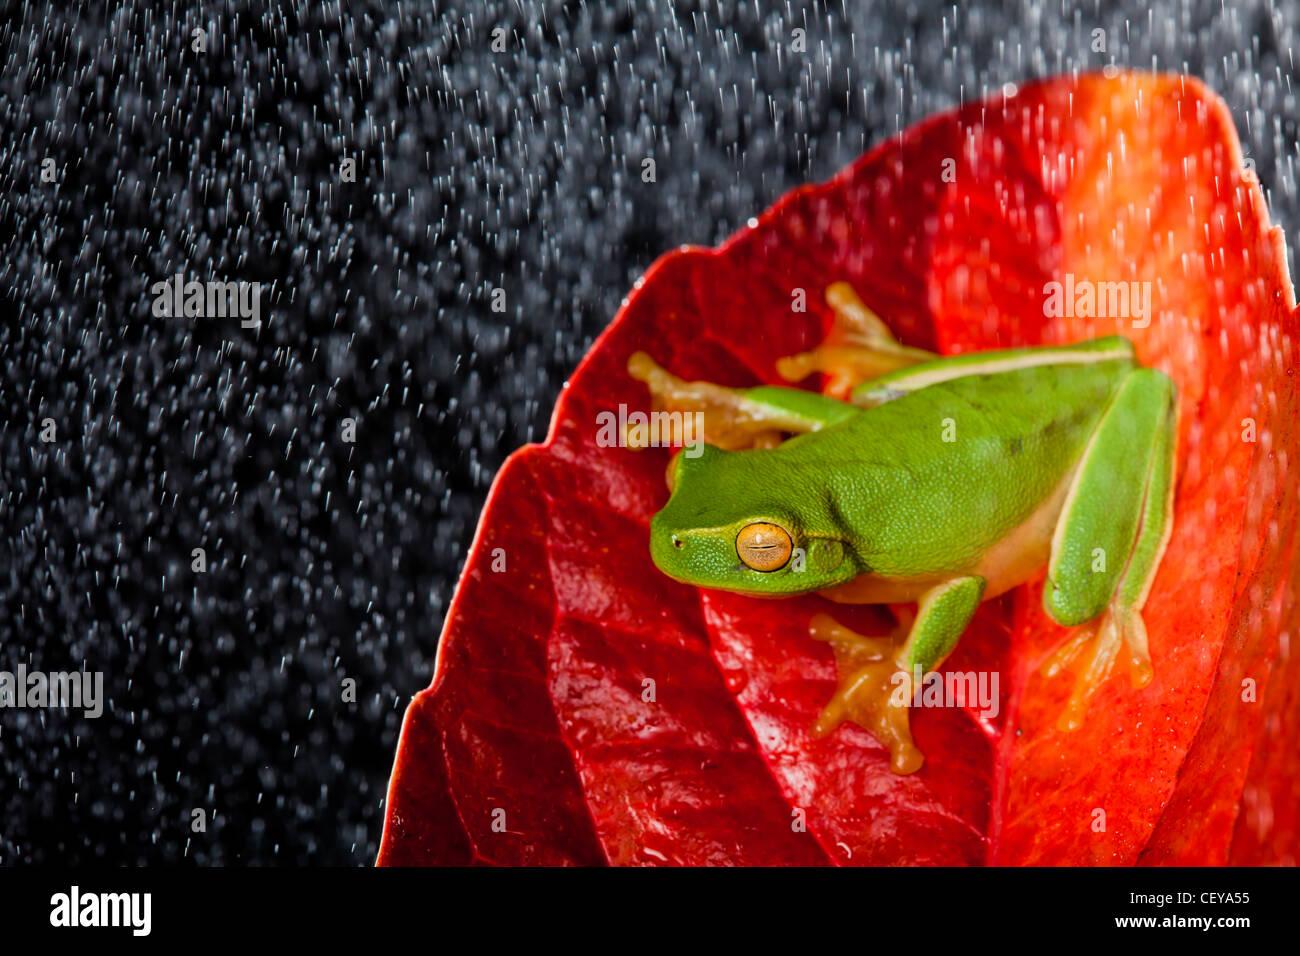 Kleinen grünen Laubfrosch auf roten Blatt im Regen sitzen Stockbild